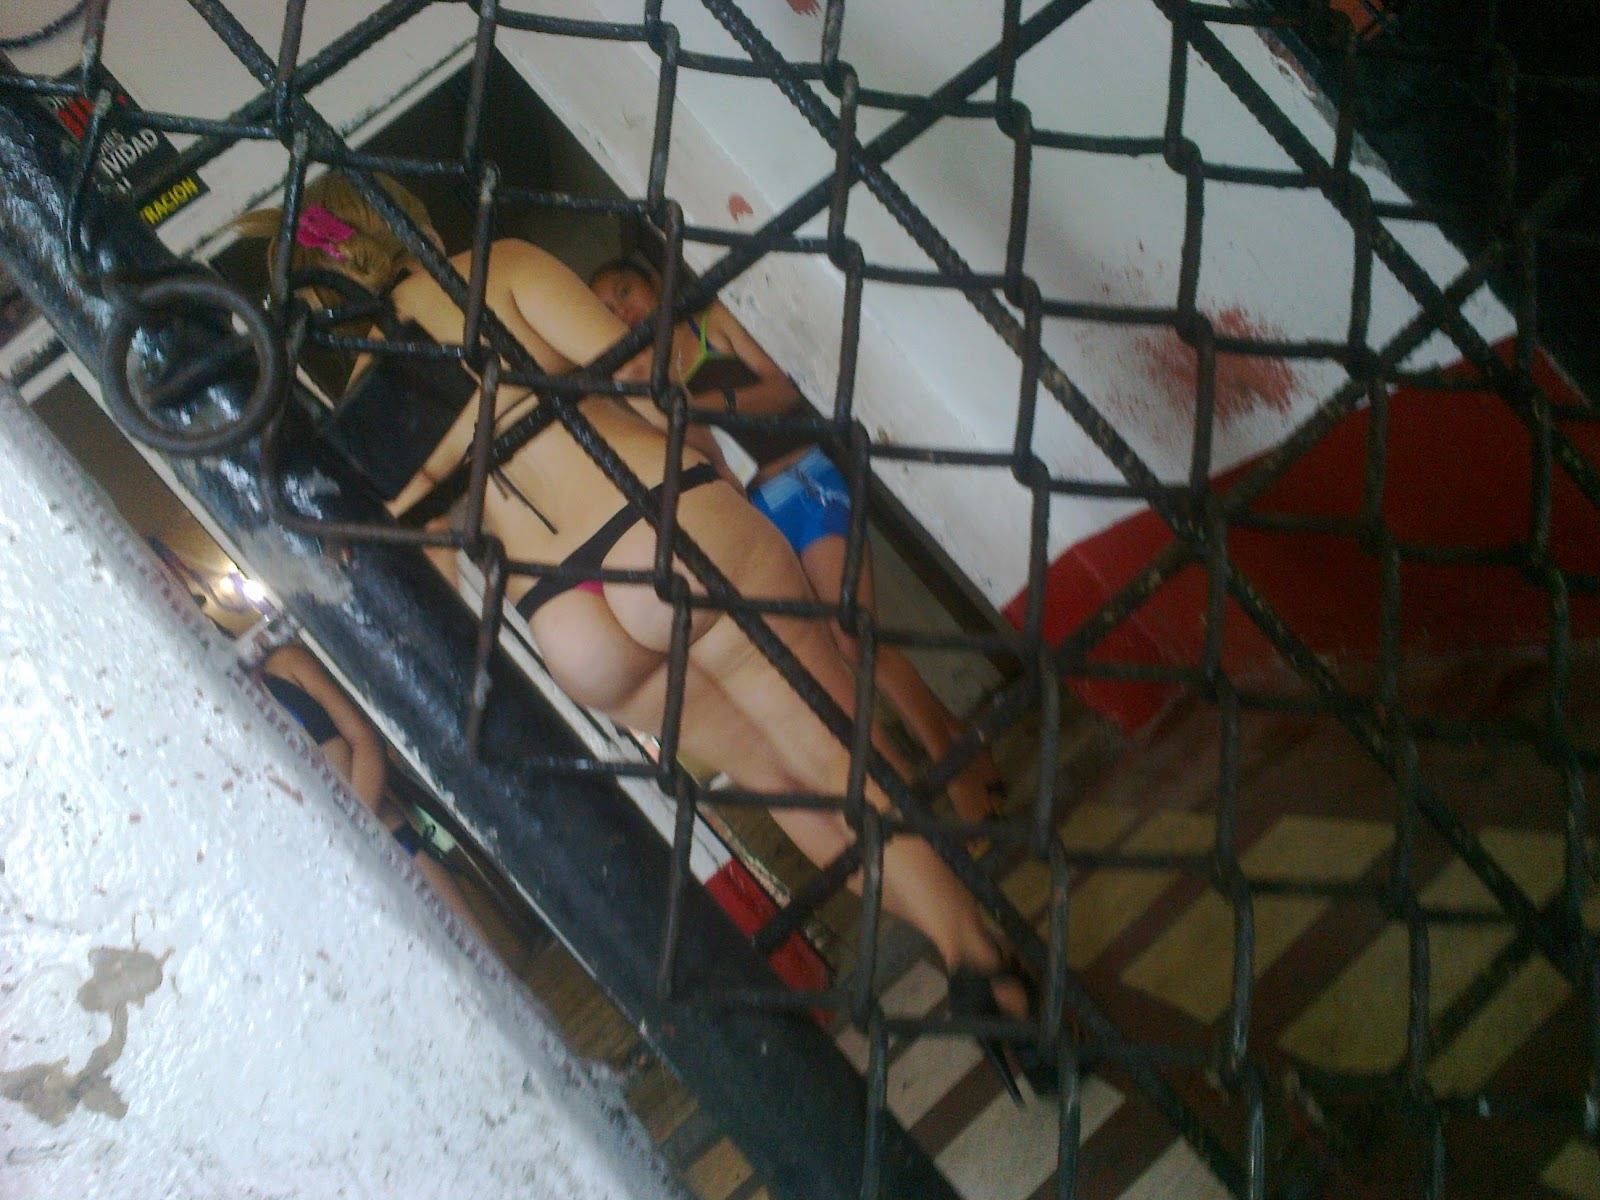 prostitutas en guayaquil imagenes de insulto para mujeres